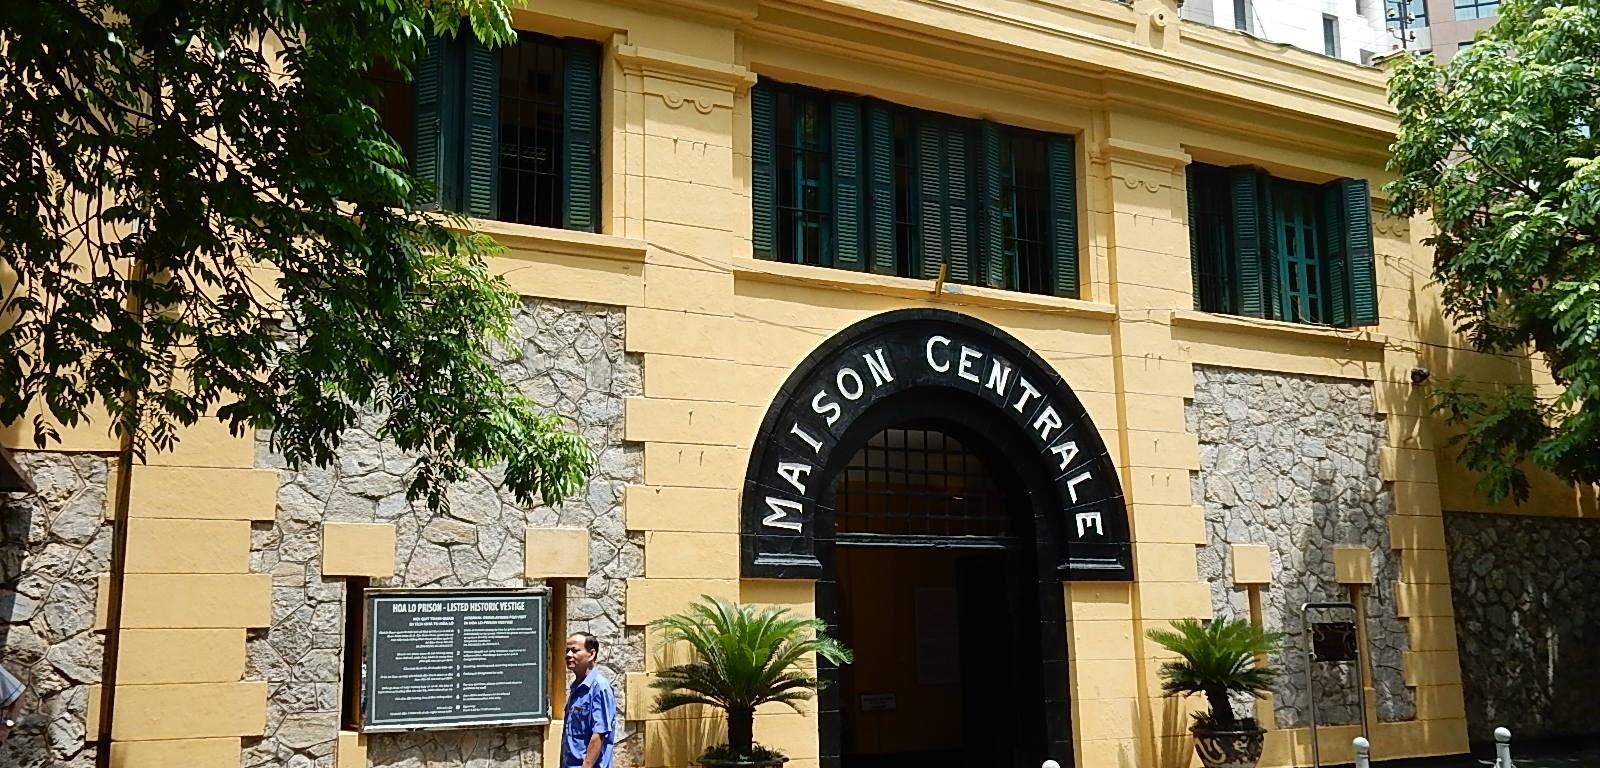 La prison de Hoa Lo à Hanoi, aujourd'hui transformée en musée (CC by Michael Coghlan).